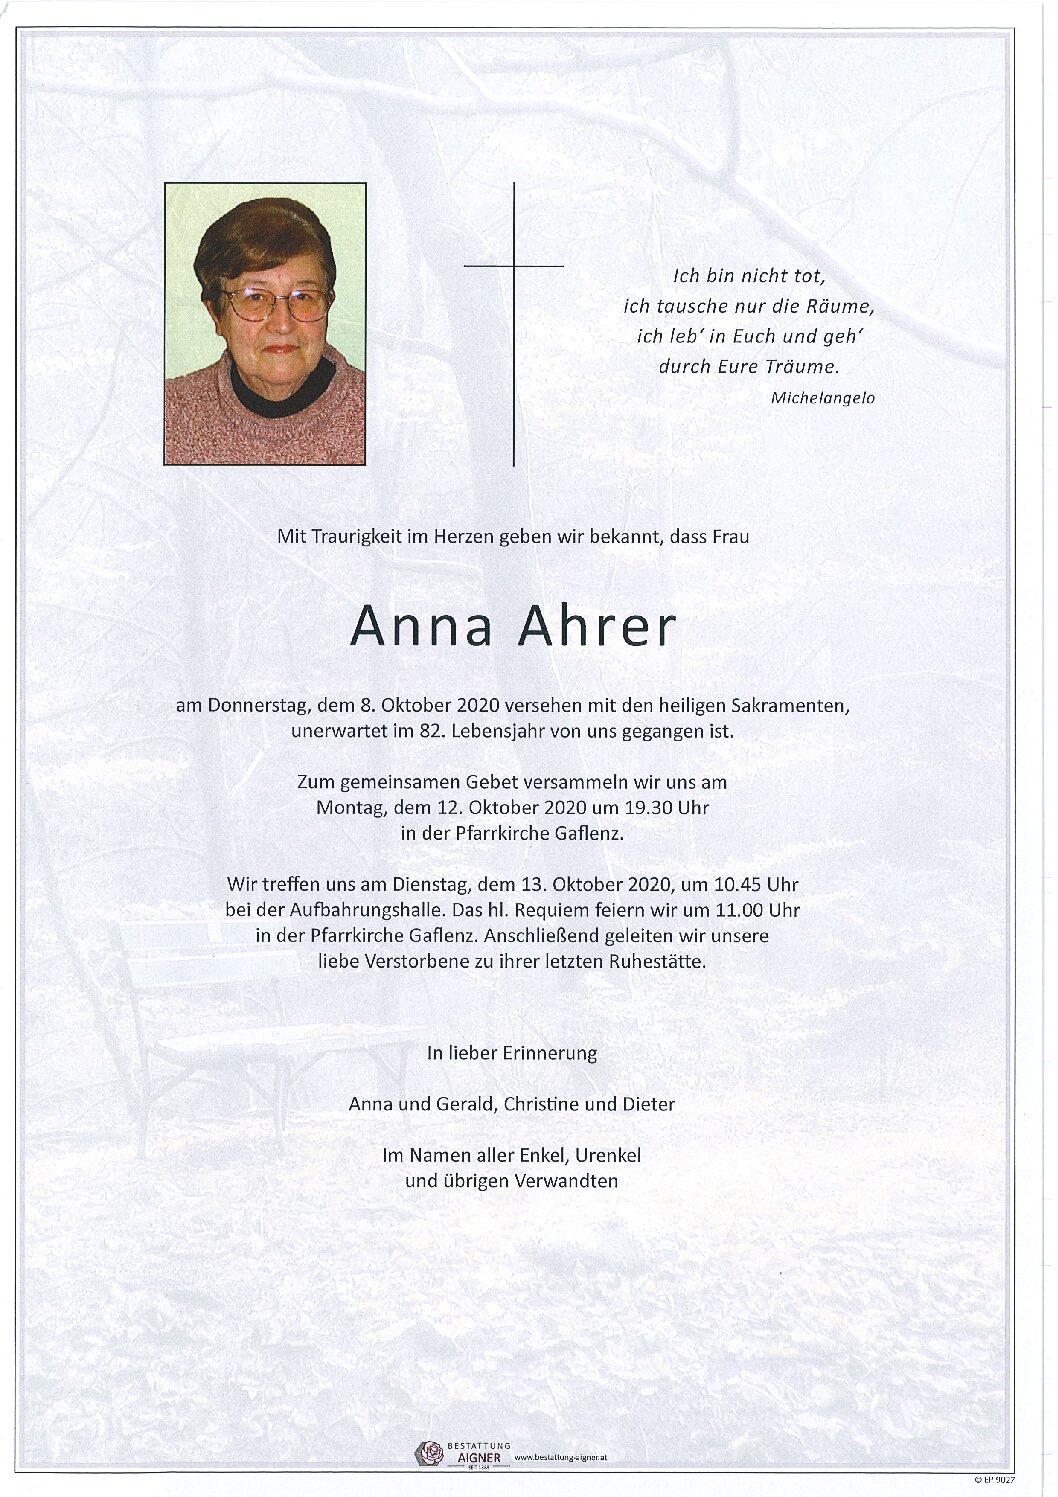 Anna Ahrer